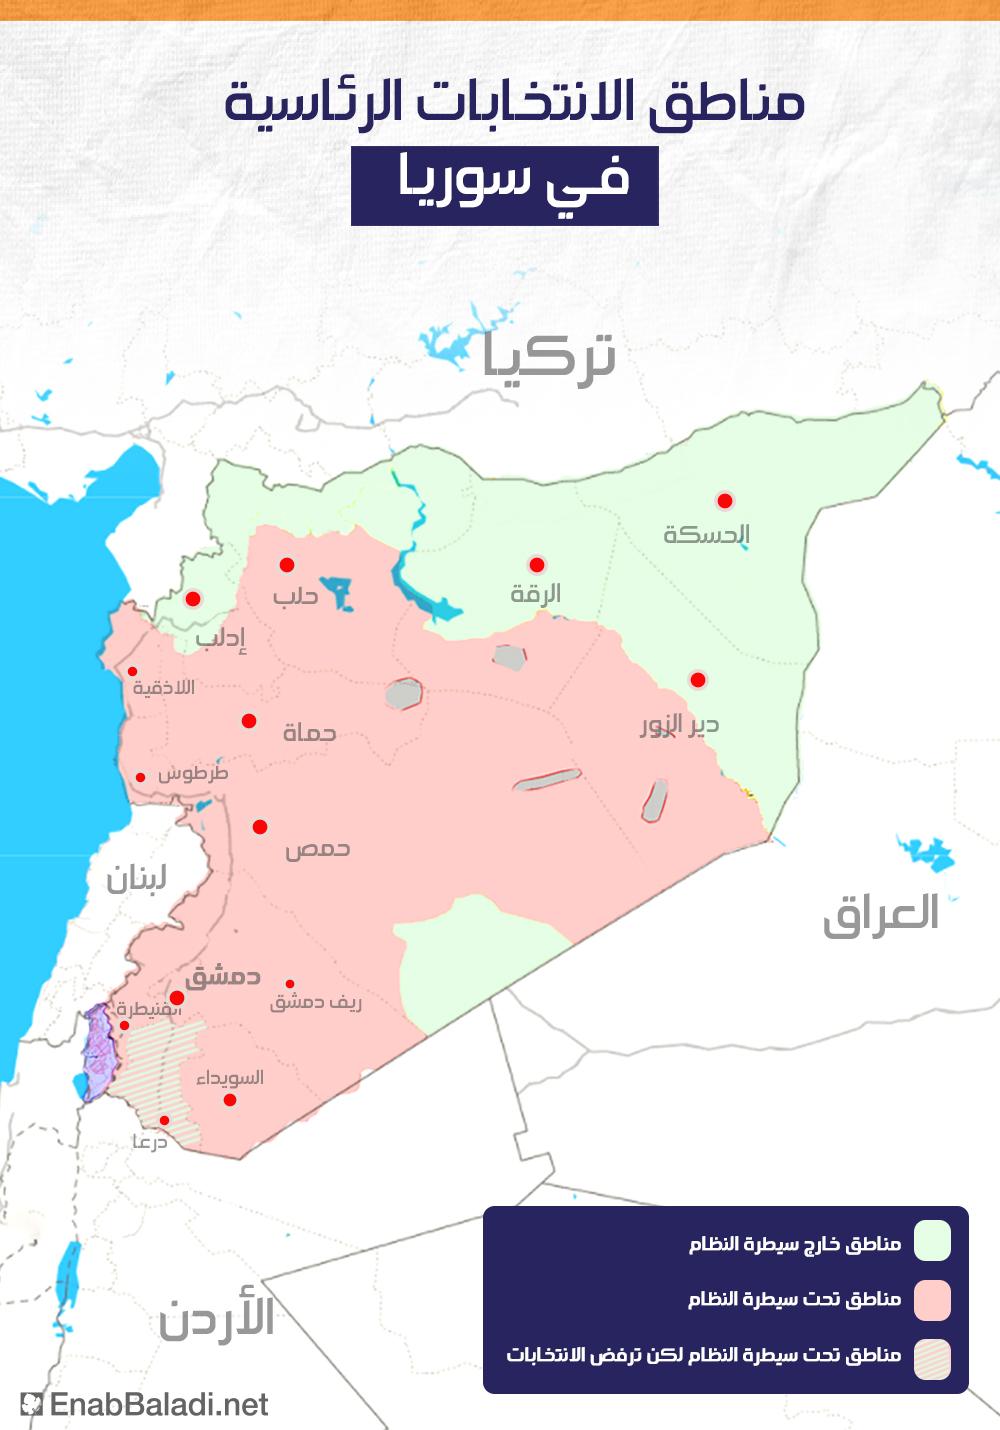 مناطق تشارك في الانتخابات الرئاسية في سوريا لعام 2021 (عنب بلدي)